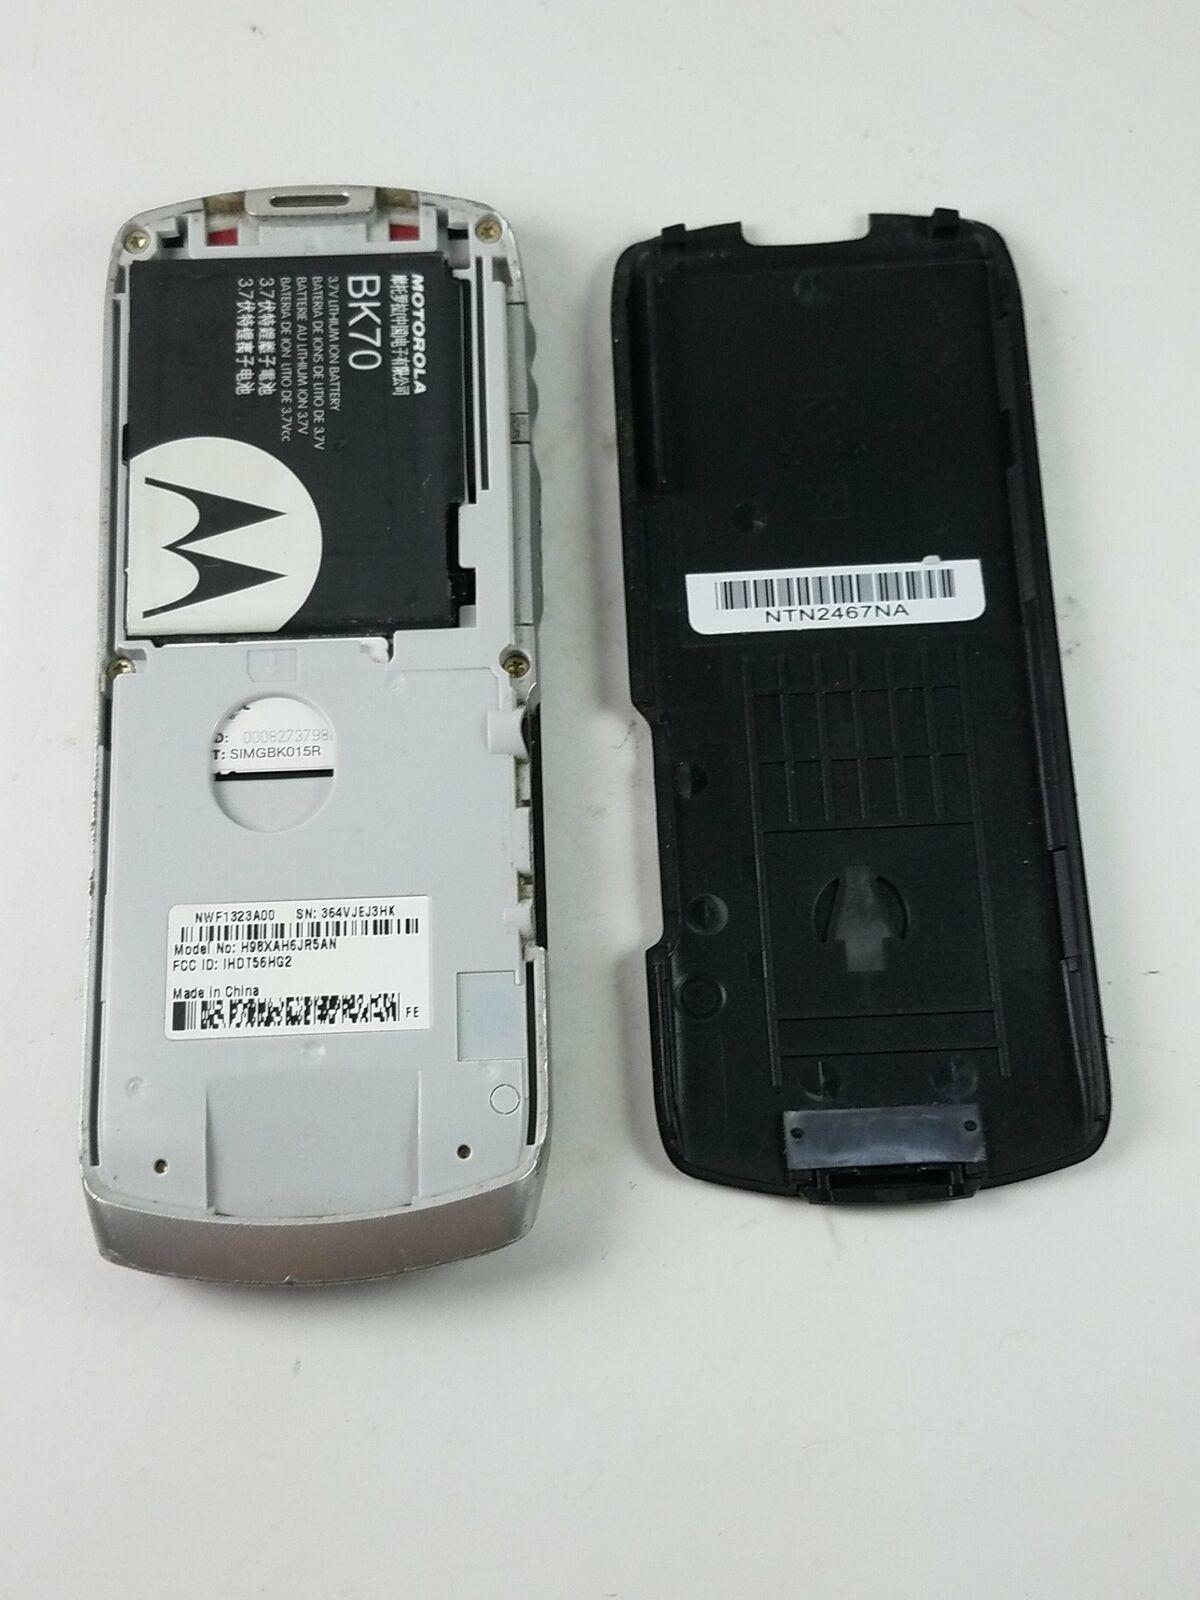 Motorola i335 Cell Phone image 3